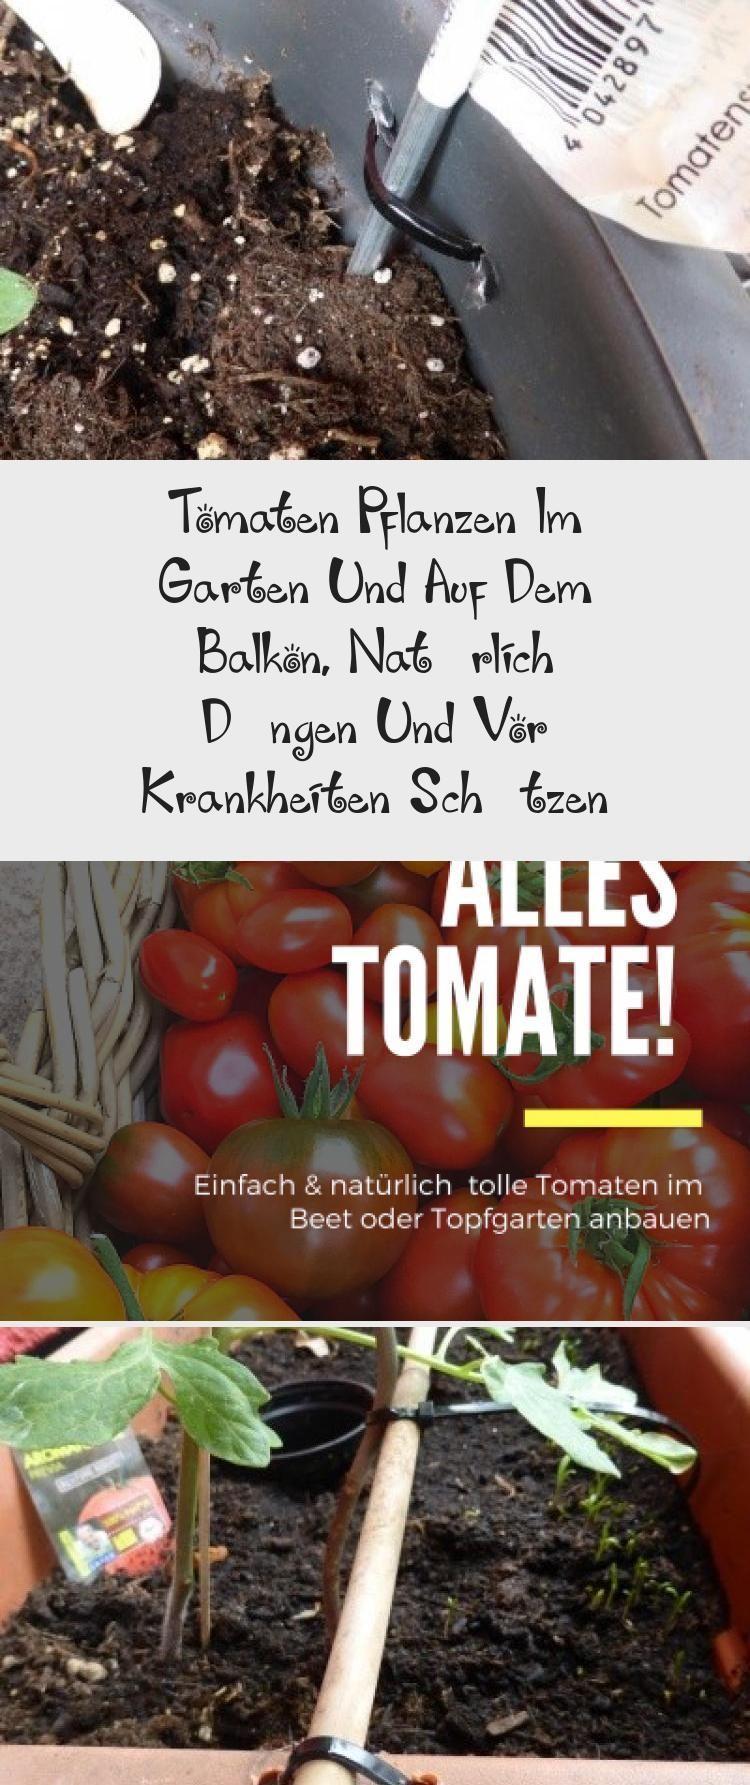 Tomaten Pflanzen Im Garten Und Auf Dem Balkon Naturlich Dungen Und Vor Krankheiten Schutzen Tomatenpflanzen Tomaten Pflanzen Aber Richtig Standort Naturlic